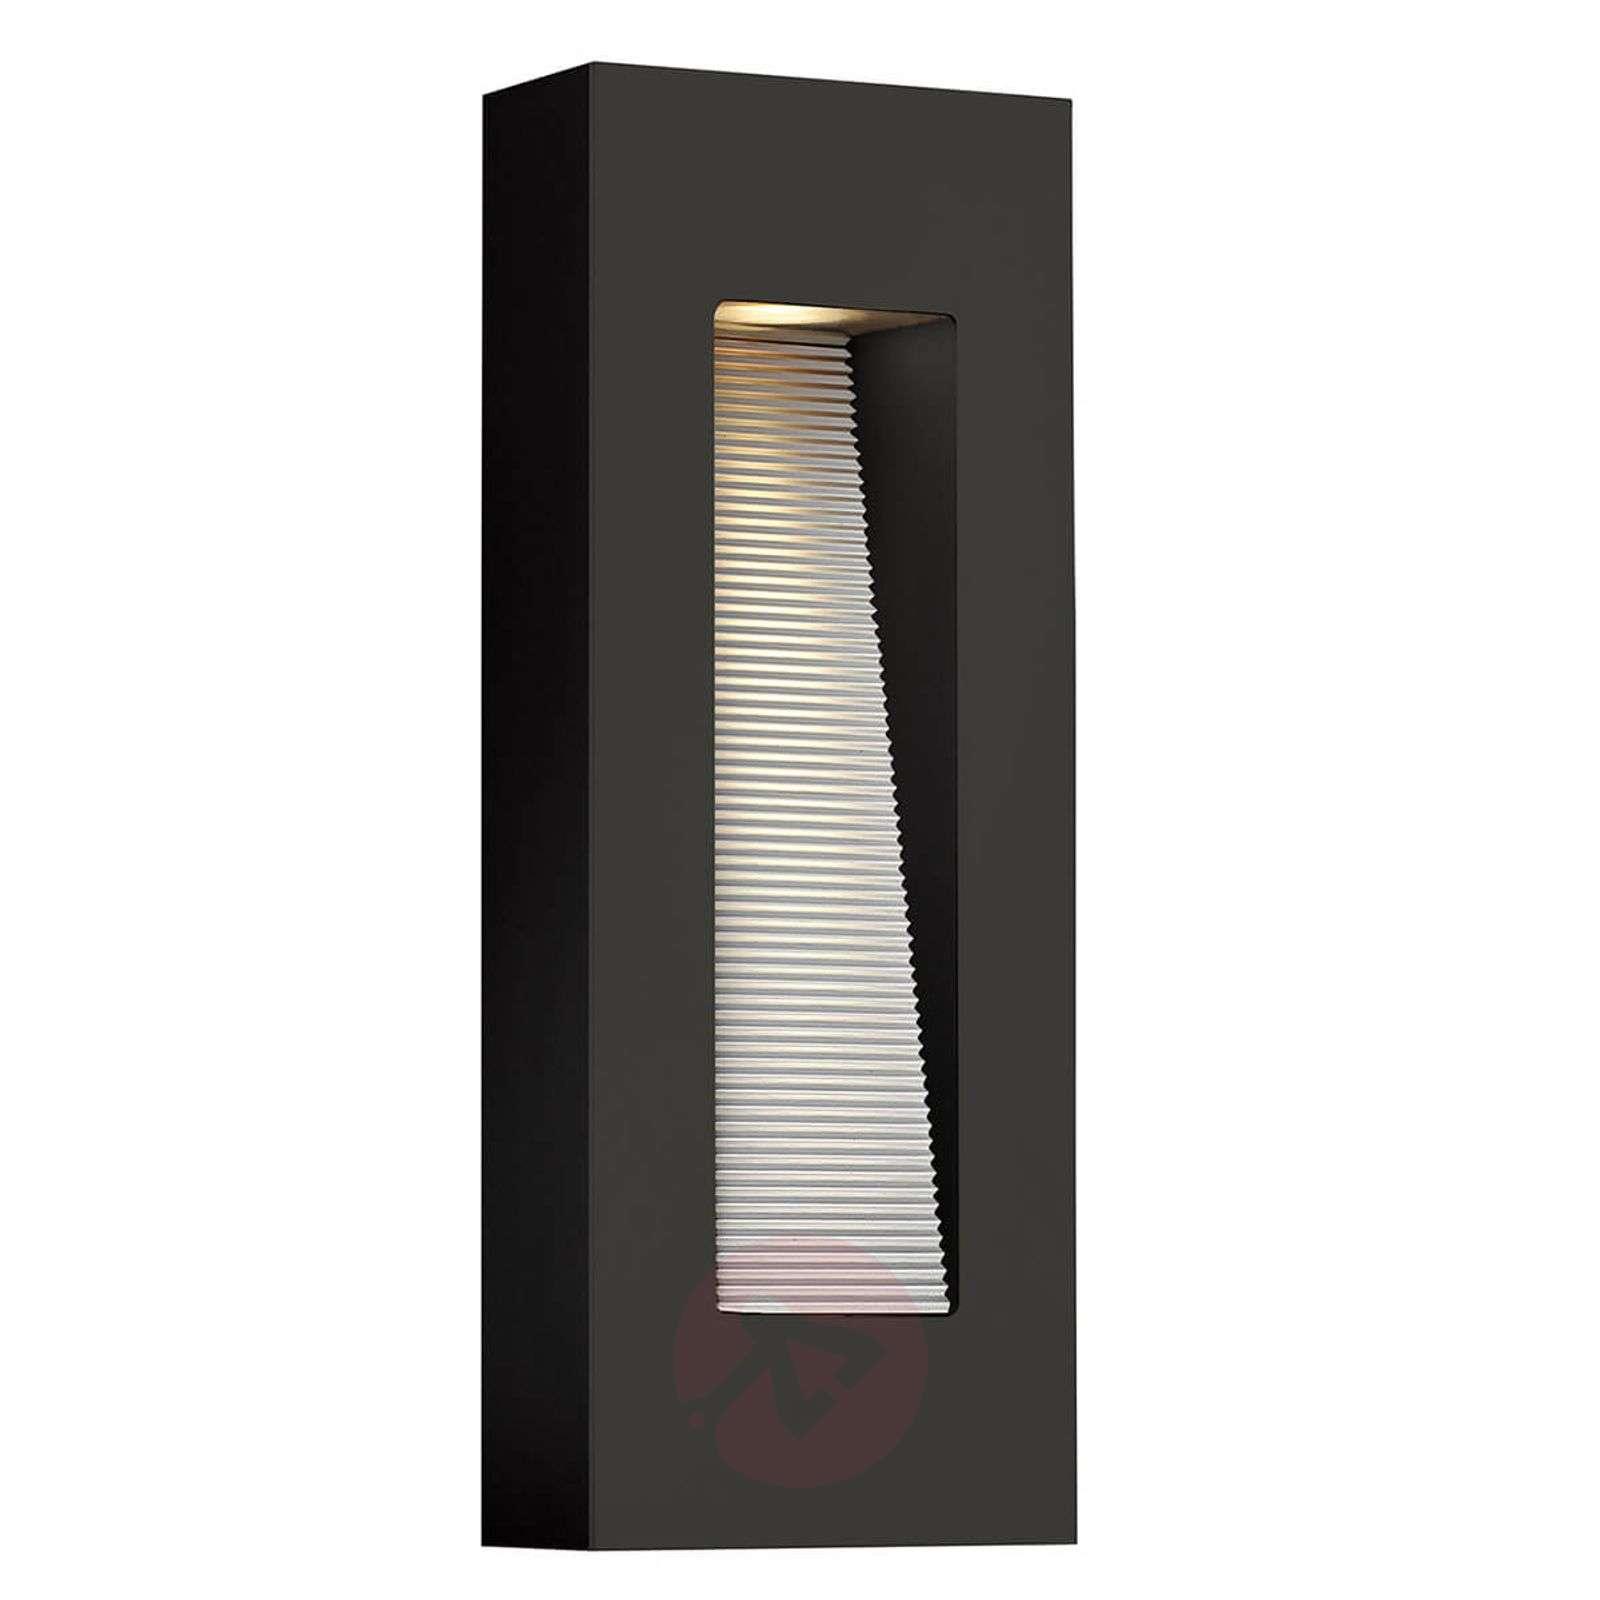 Lunias – suorakulmainen LED-ulkoseinävalaisin-3048849-01